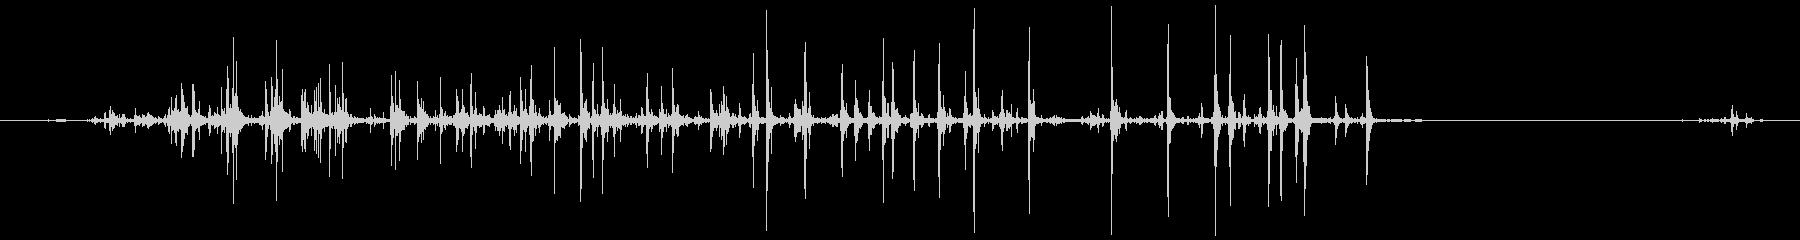 マスキングテープのロール:短いプル...の未再生の波形